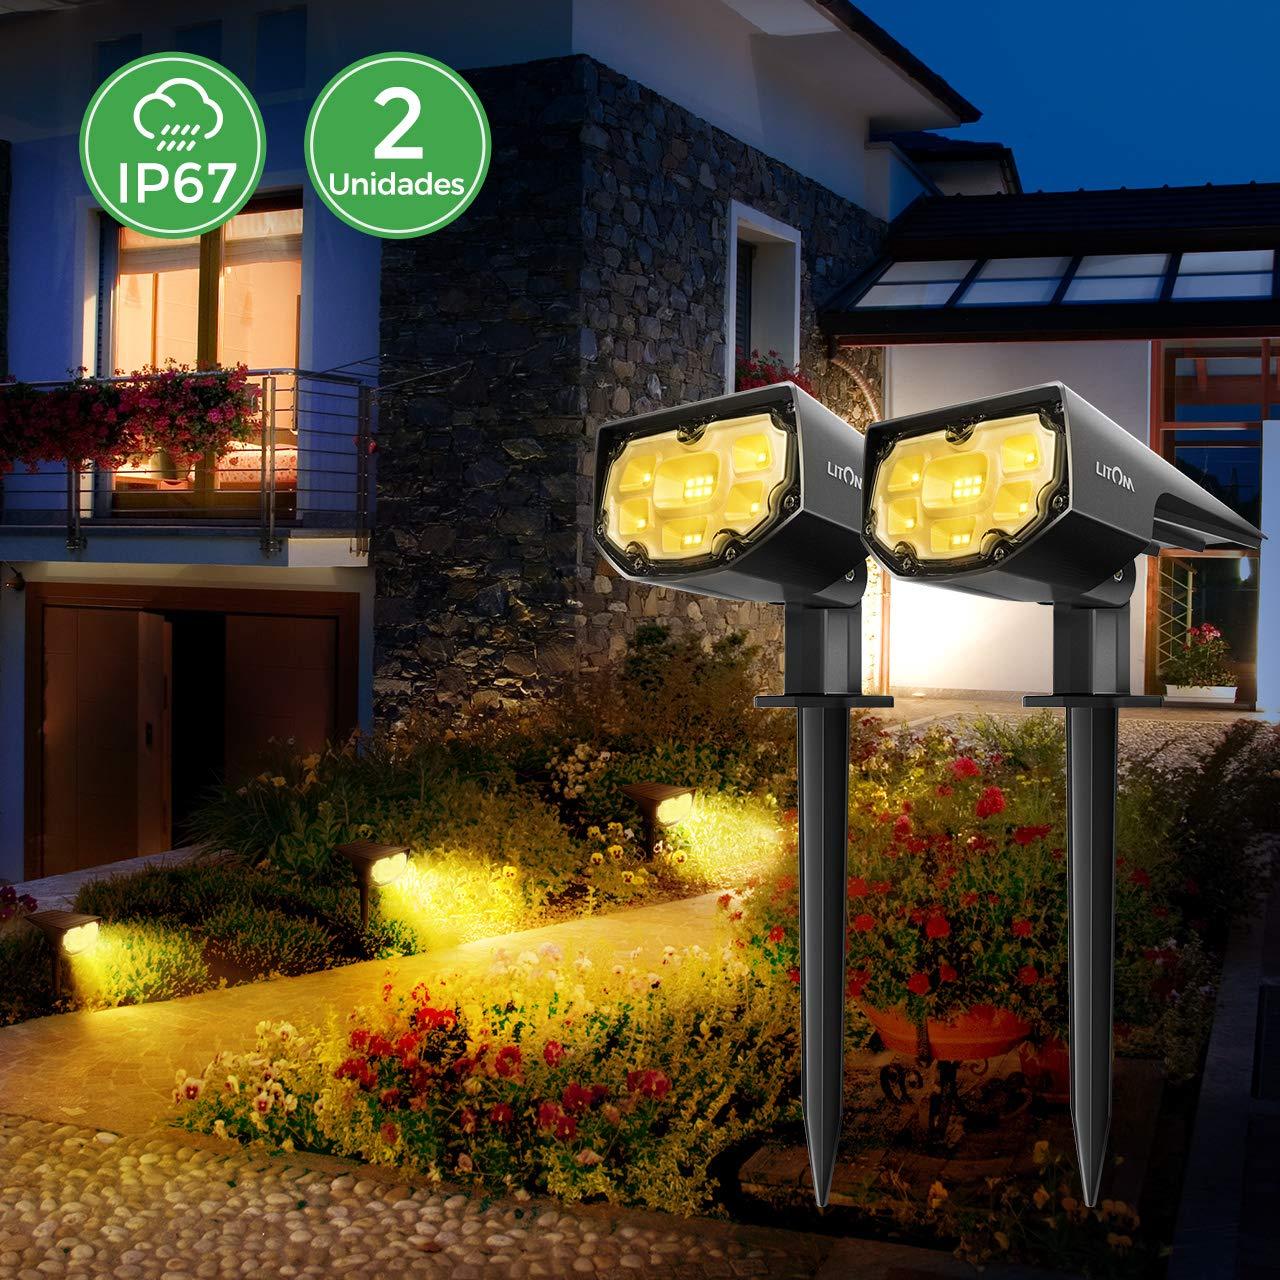 Blanco Cálido]12 LED Paisaje Luces Solares Mejoradas,Luz del césped Impermeable IP67 con 2 Modos de Iluminación para Patio, Garaje, Camino, Camino de Entrada, Porche, Piscina y Patio(2 Paquetes): Amazon.es: Iluminación